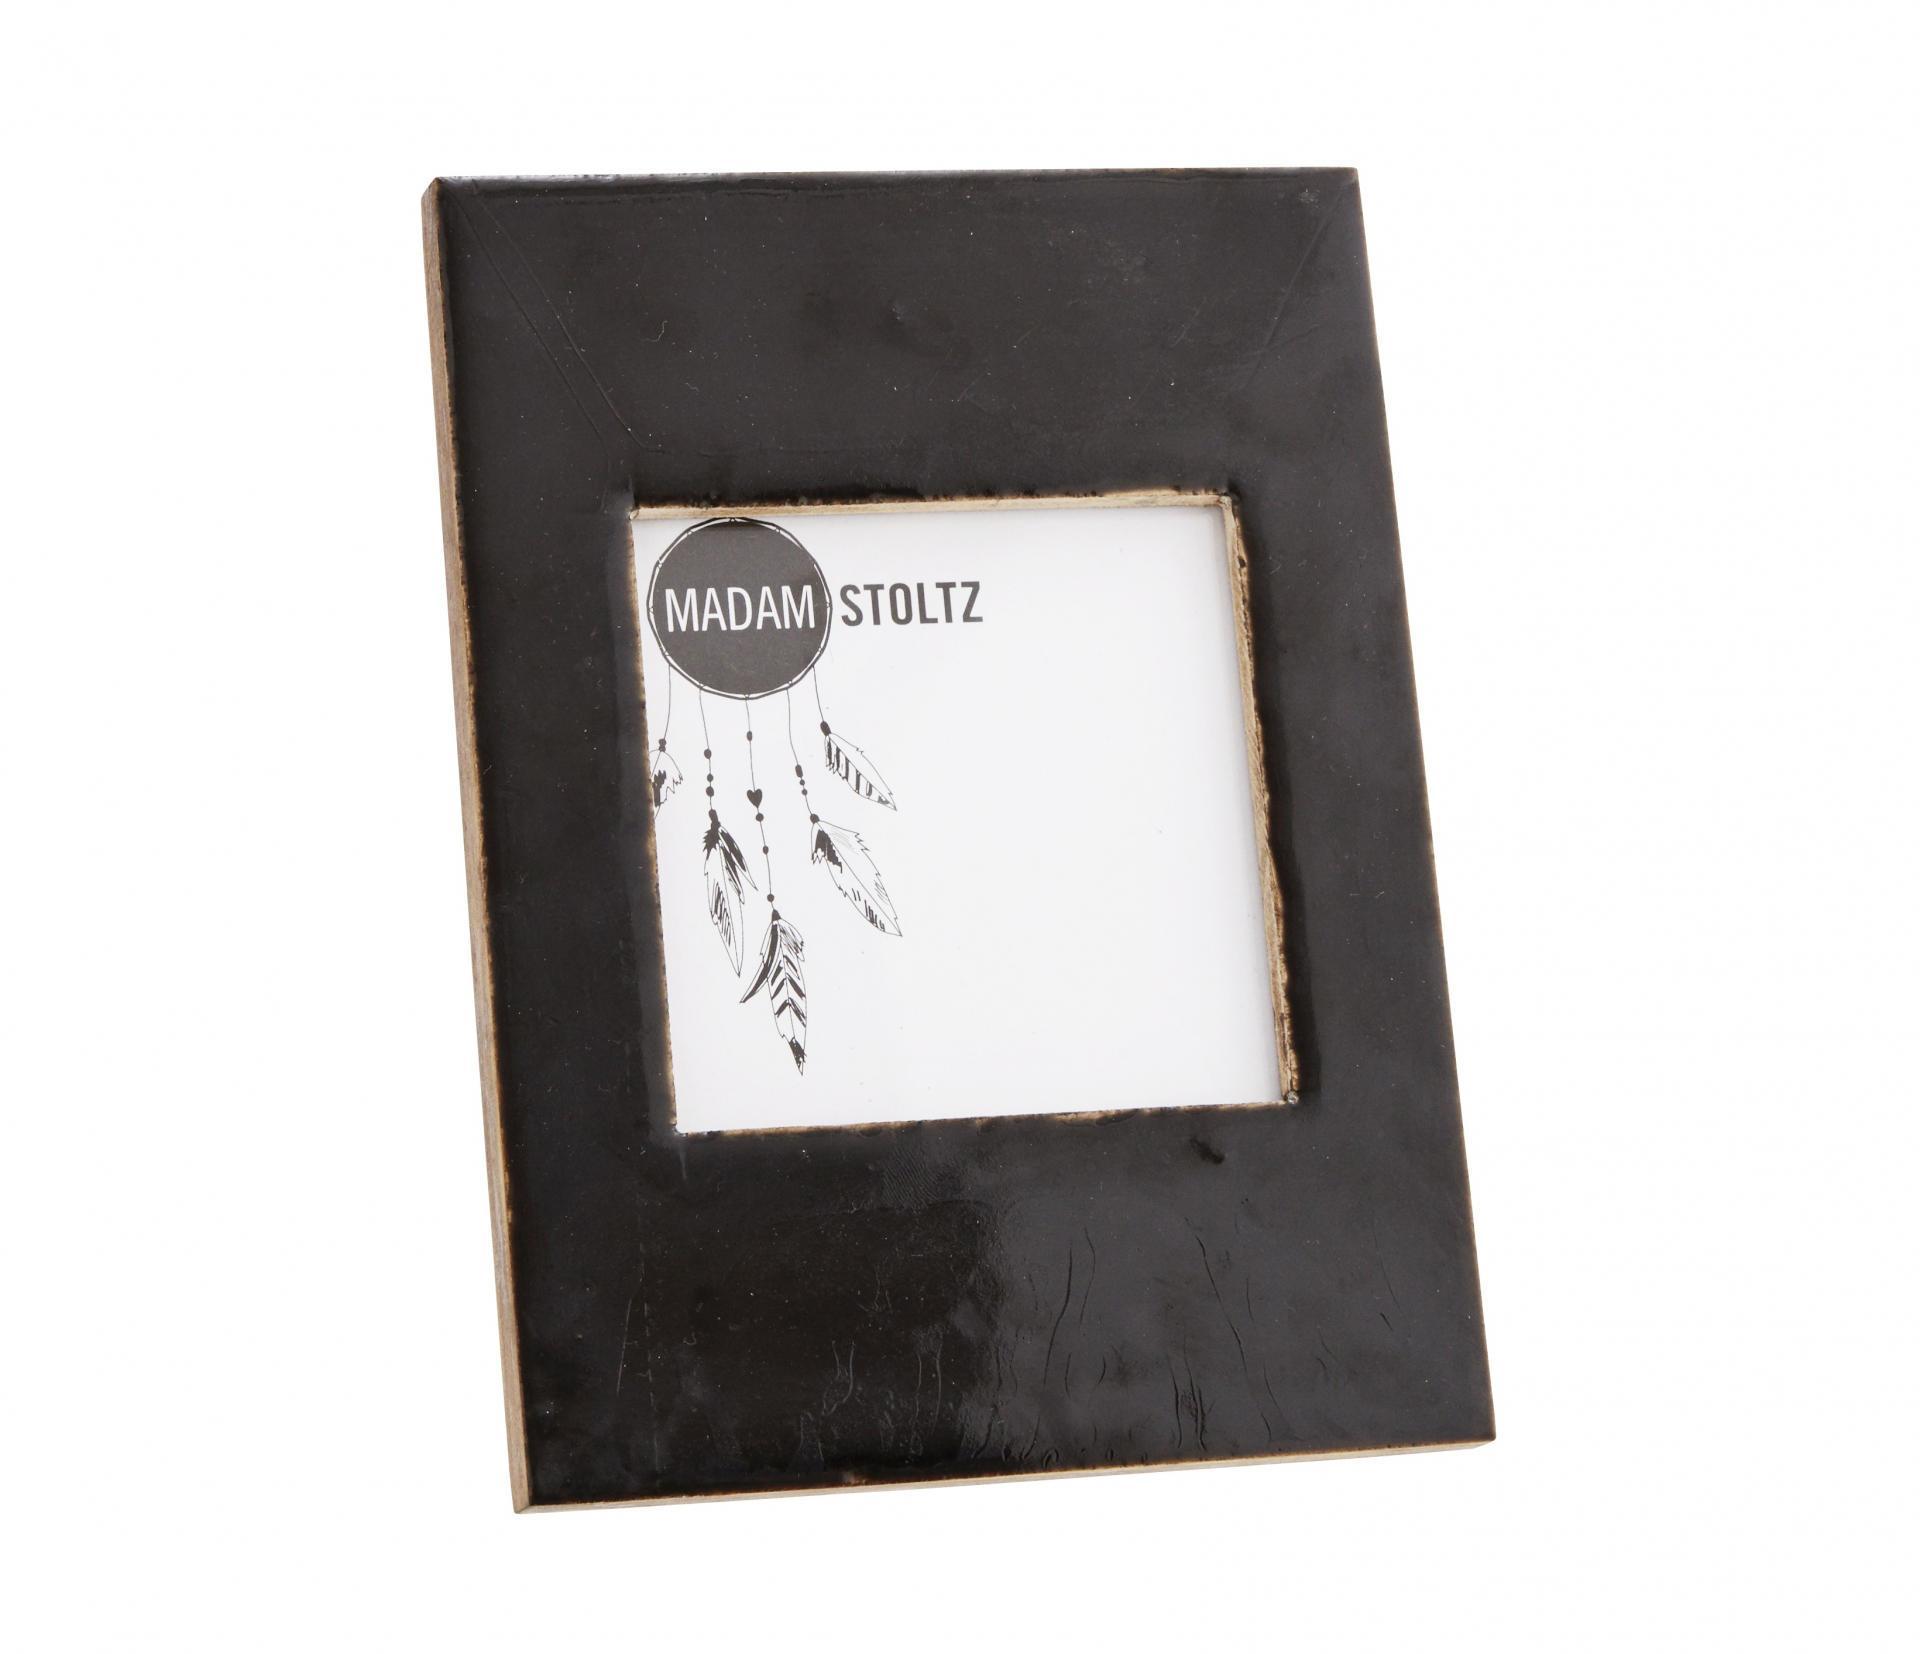 MADAM STOLTZ Dřevěný fotorámeček s opěrkou Shiny Black - menší, černá barva, sklo, dřevo